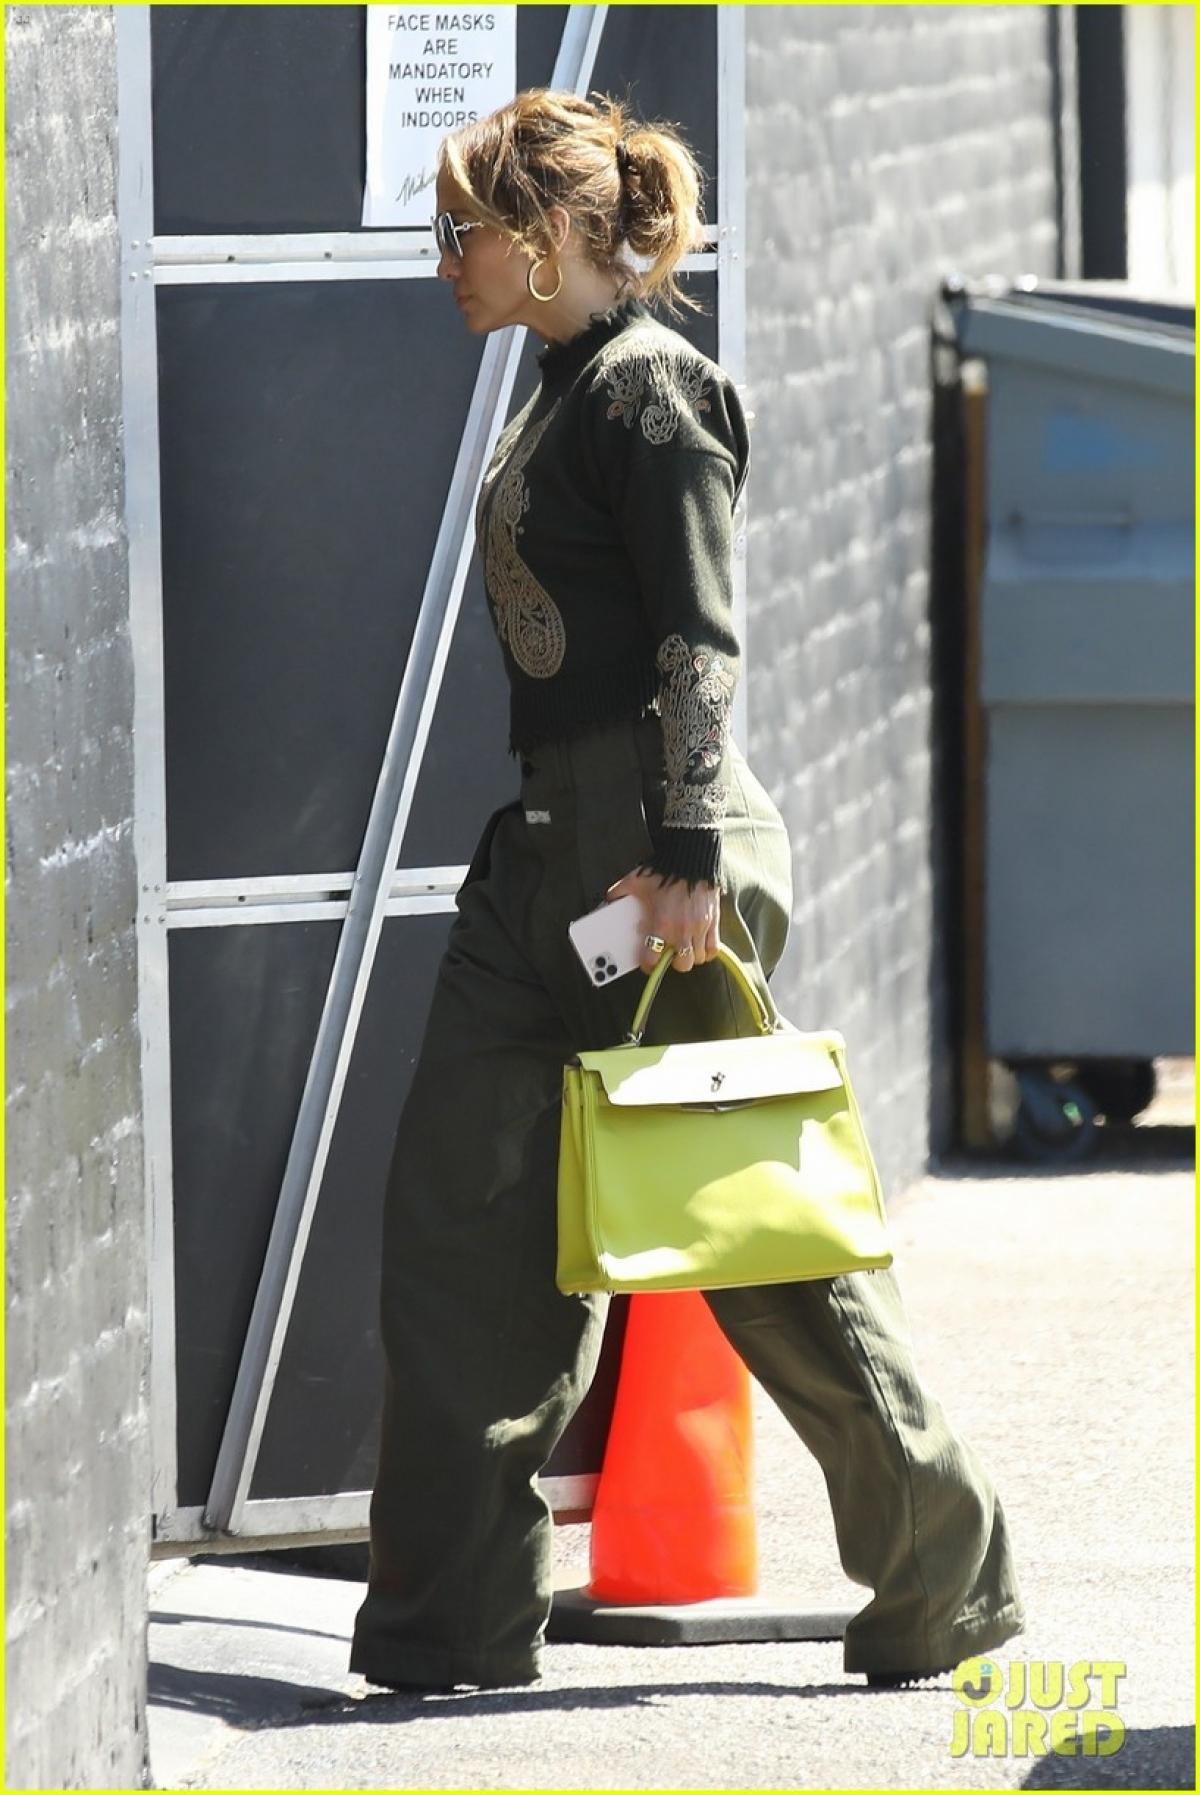 """Jennifer Lopez và Ben Affleck gặp nhau trên phim trường """"Gigli"""", sau đó hẹn hò và đính hôn vào cuối năm 2002. Đến tháng 9/2003, cặp sao tuyên bố hoãn cưới và chính thức đường ai nấy đi vào đầu năm 2004. Cho nên, với sự tái hợp lần này của cặp đôi nhận được sự quan tâm, ủng hộ của người thân, bạn bè và công chúng./."""